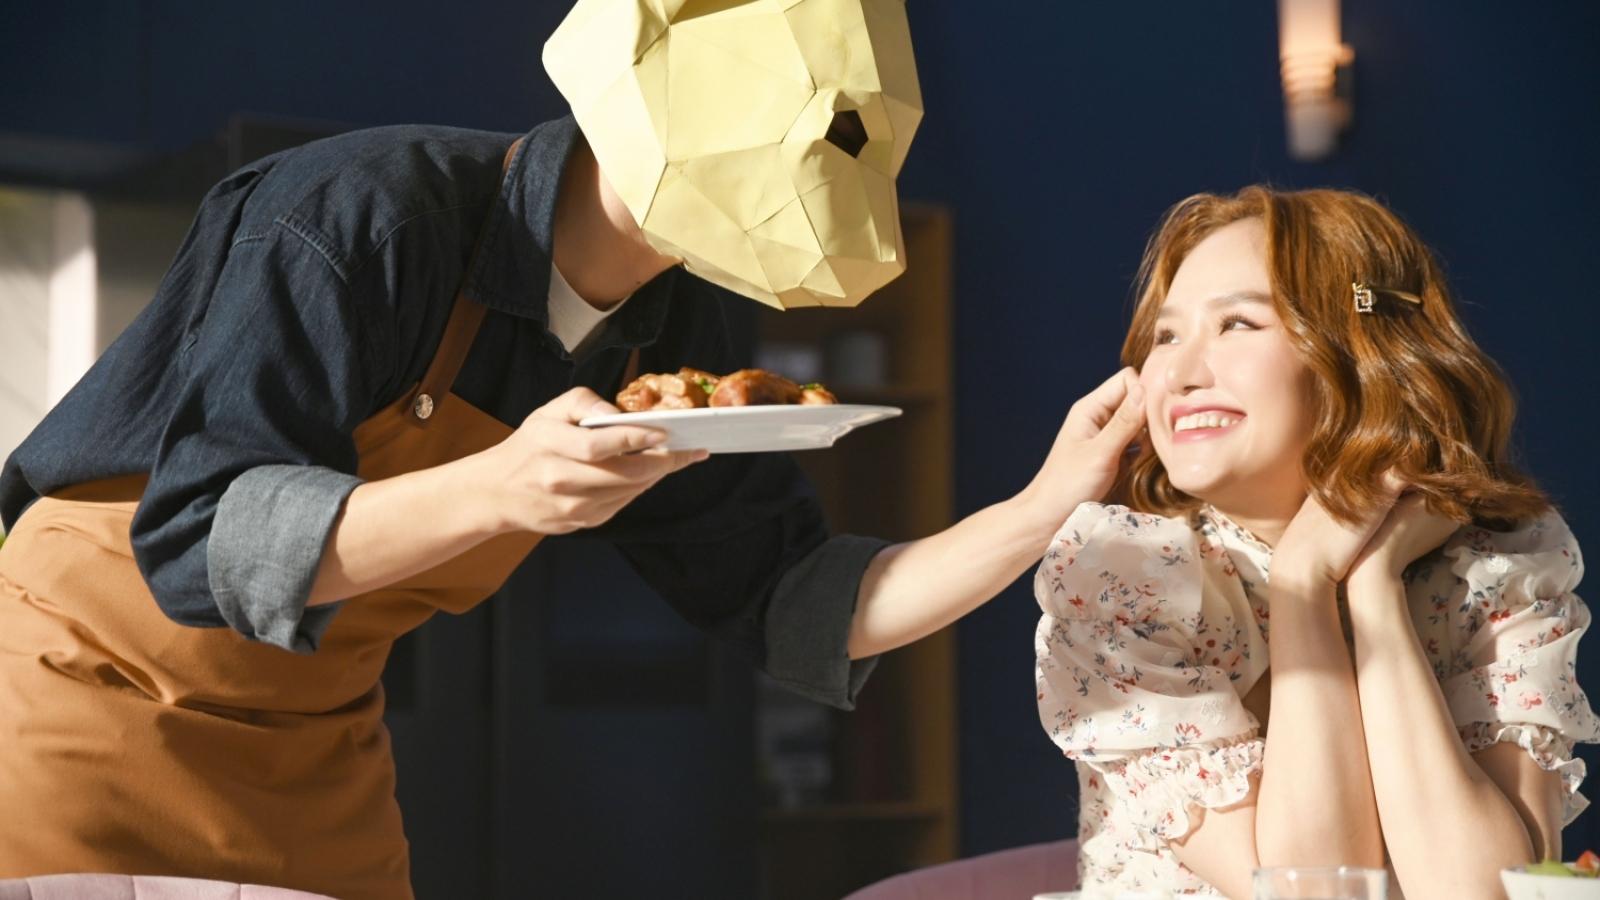 """Miu Lê kết hợp cùng Hoàng Dũng cực đáng yêu trong MV """"Thầm thương trộm nhớ"""""""